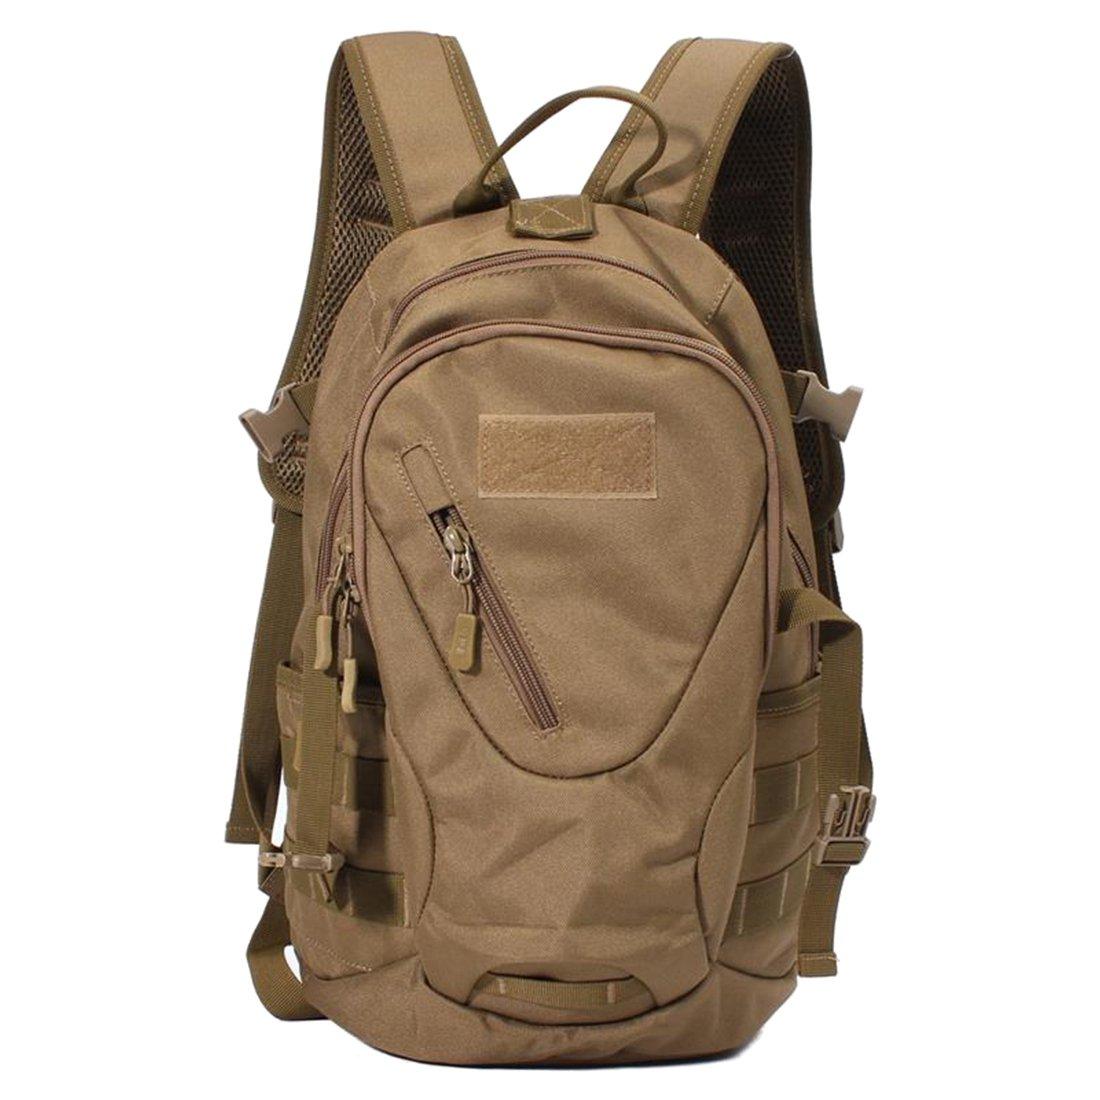 バックパック – SODIAL ( R )ハイキングキャンピングバッグTacticalトレッキングリュックサックバックパックバッグ迷彩カラー: ACU Digtal  ブラウン B01N8SLBQN